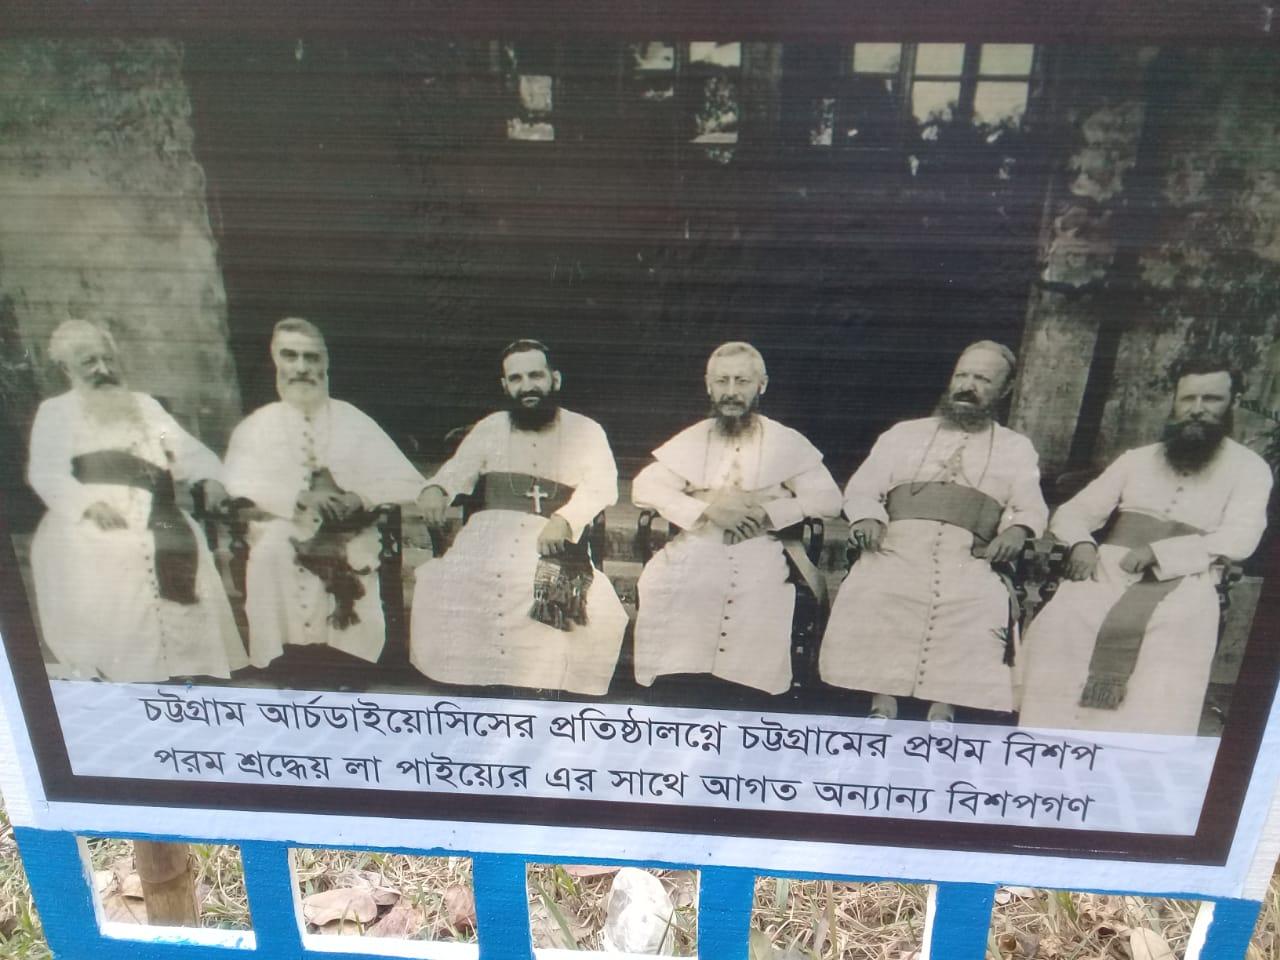 La Chiesa cattolica del Bangladesh festeggia 500 anni